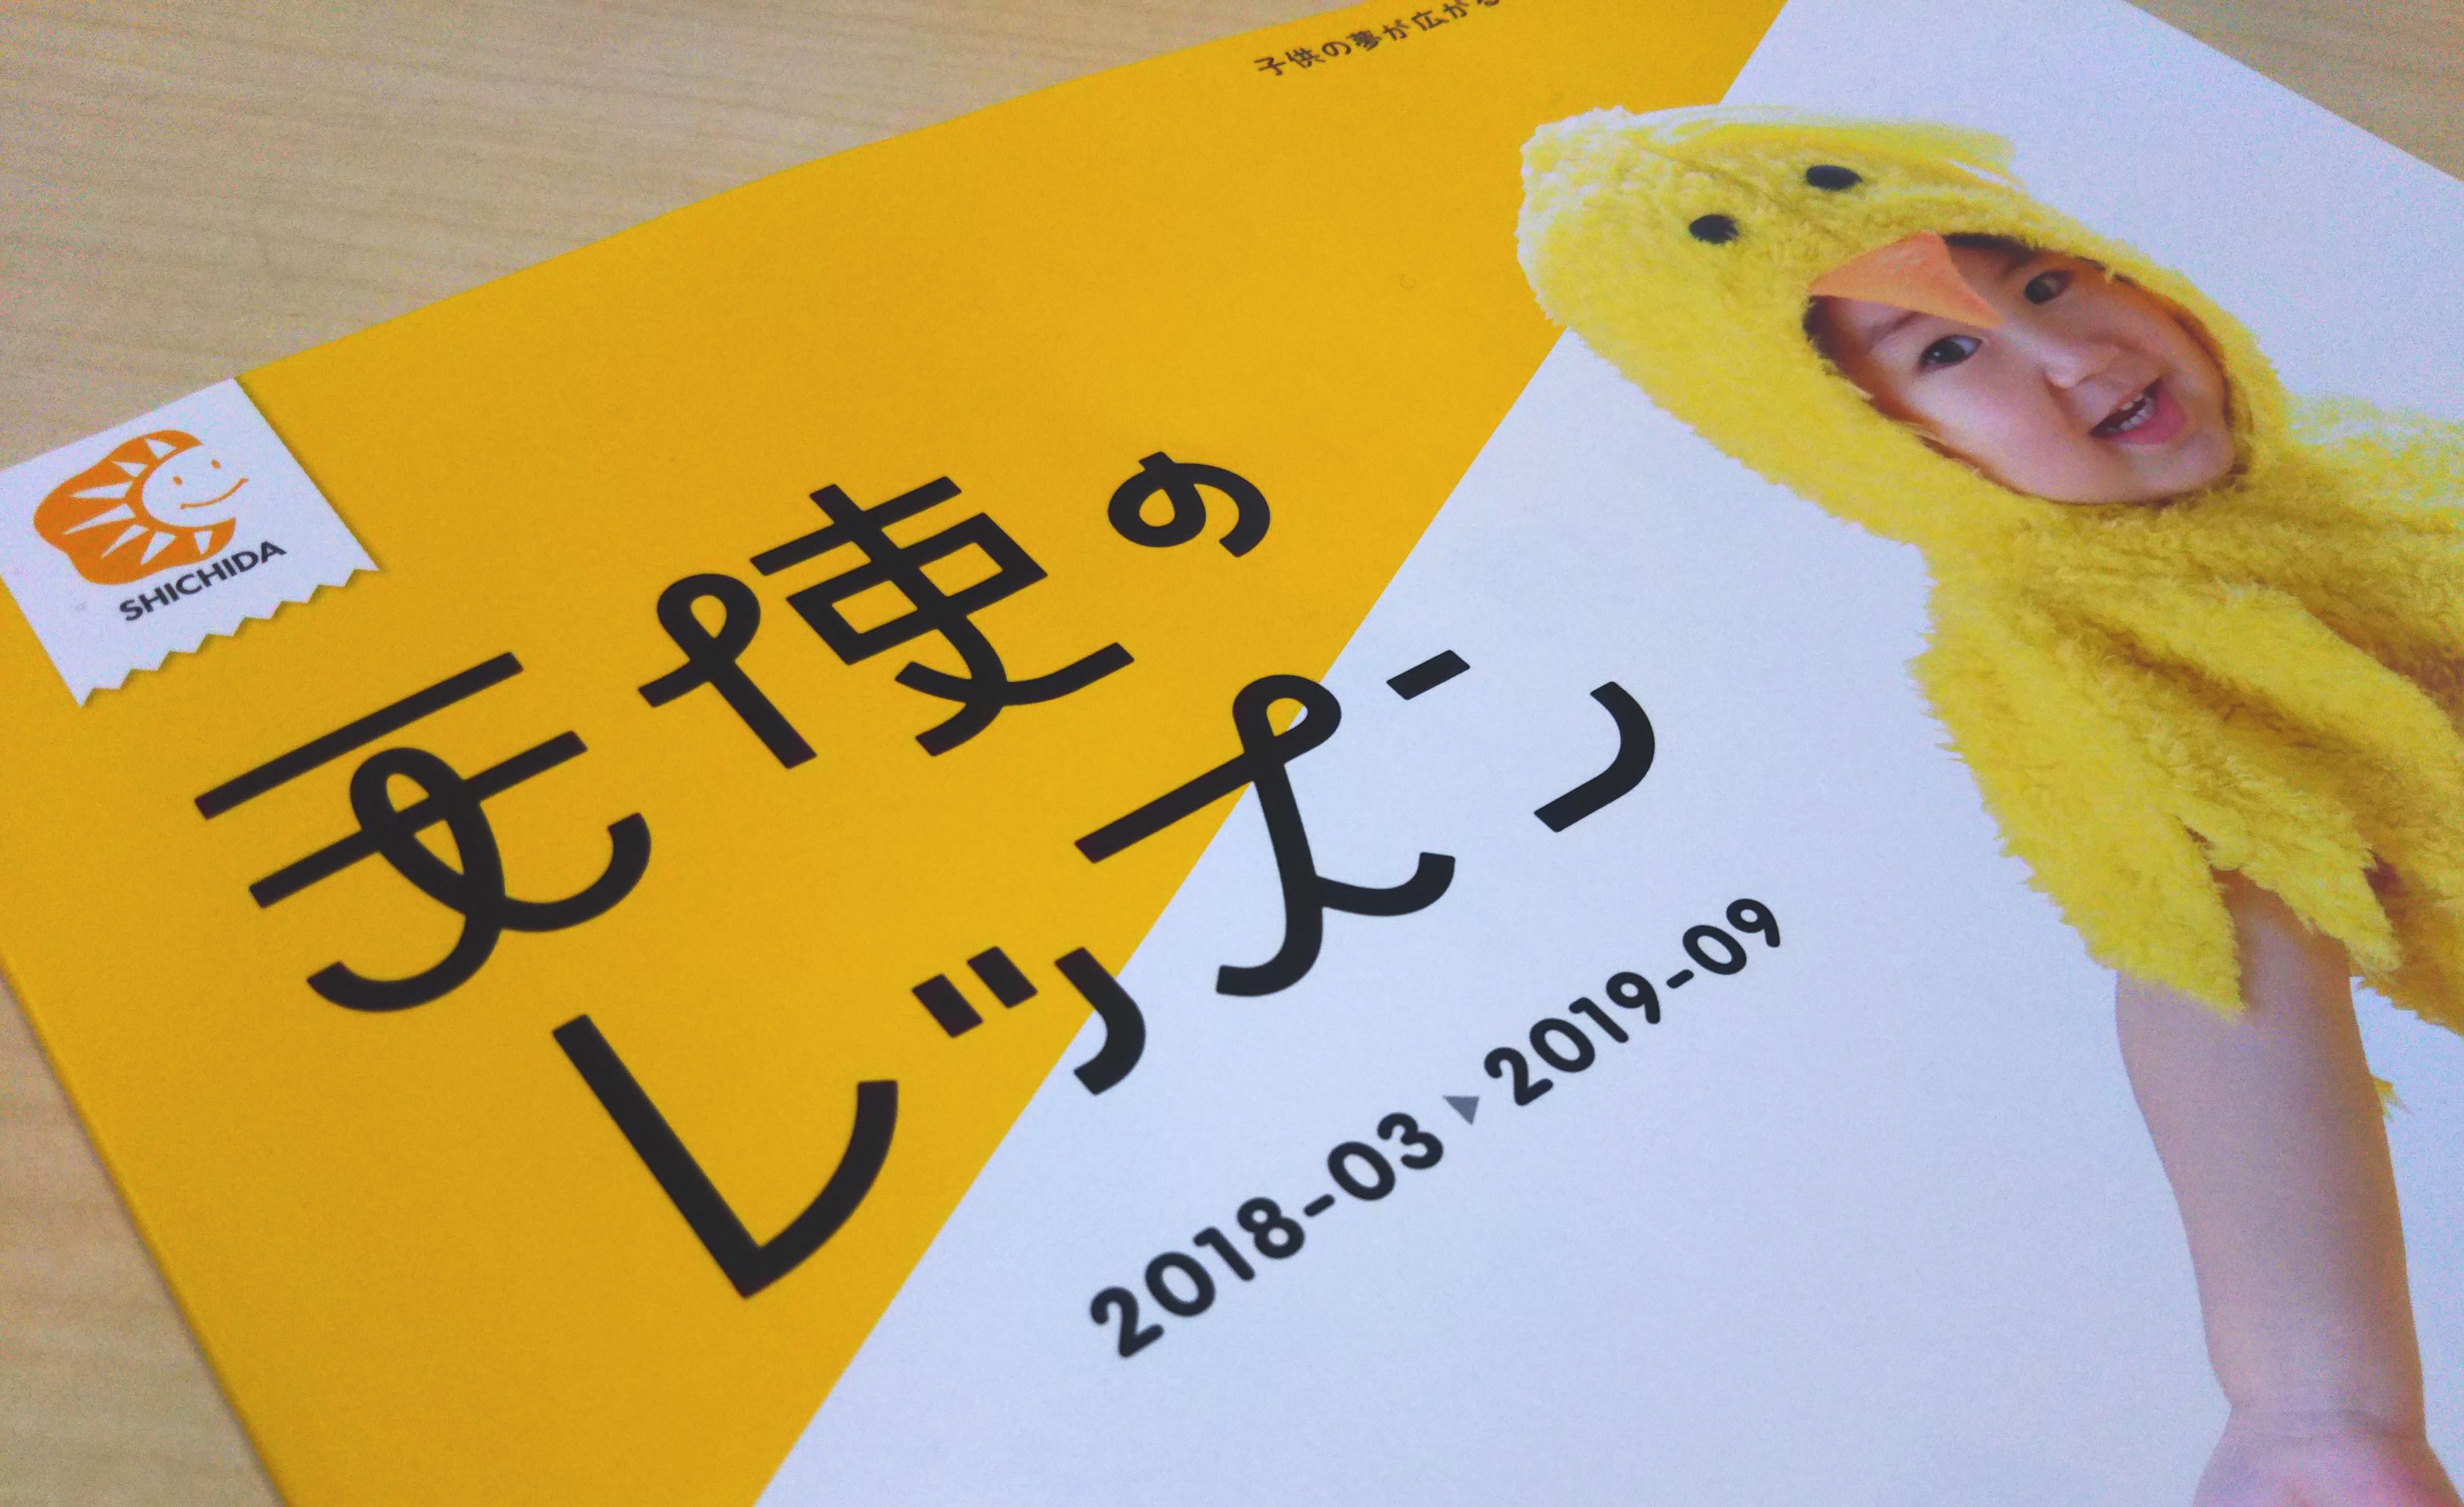 七田(しちだ)のおすすめ教材を元チャイルドアカデミー講師が目的別にご紹介!